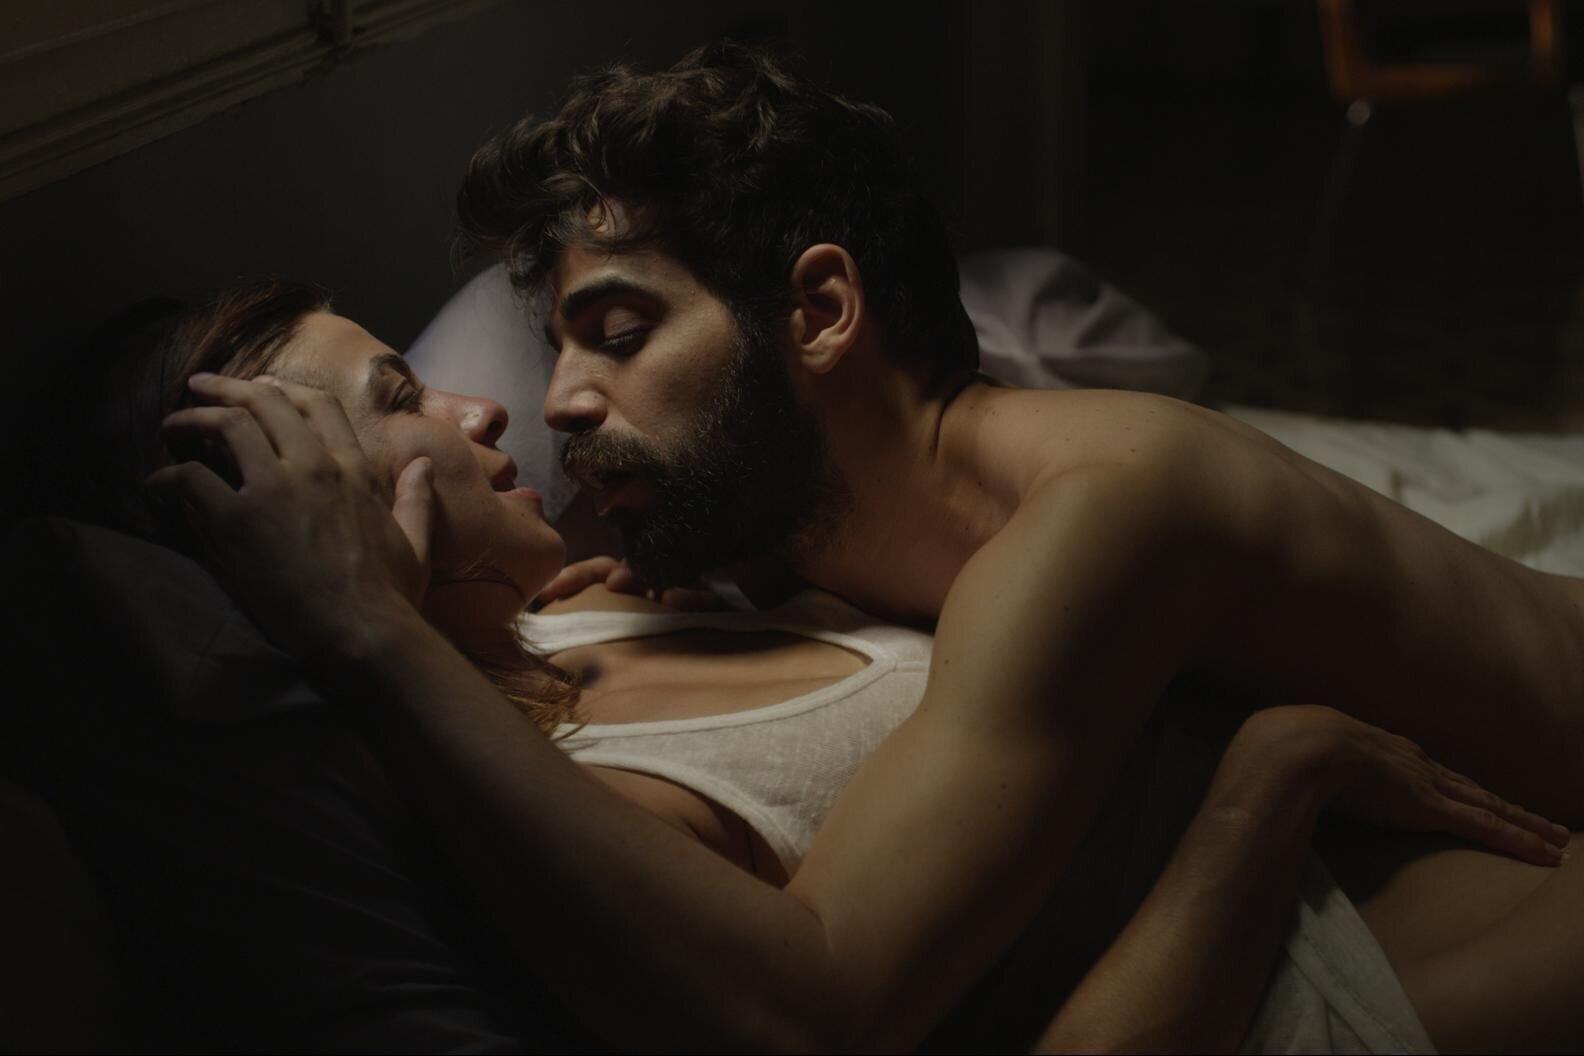 кадры из фильмов с постельными сценами смотреть онлайн